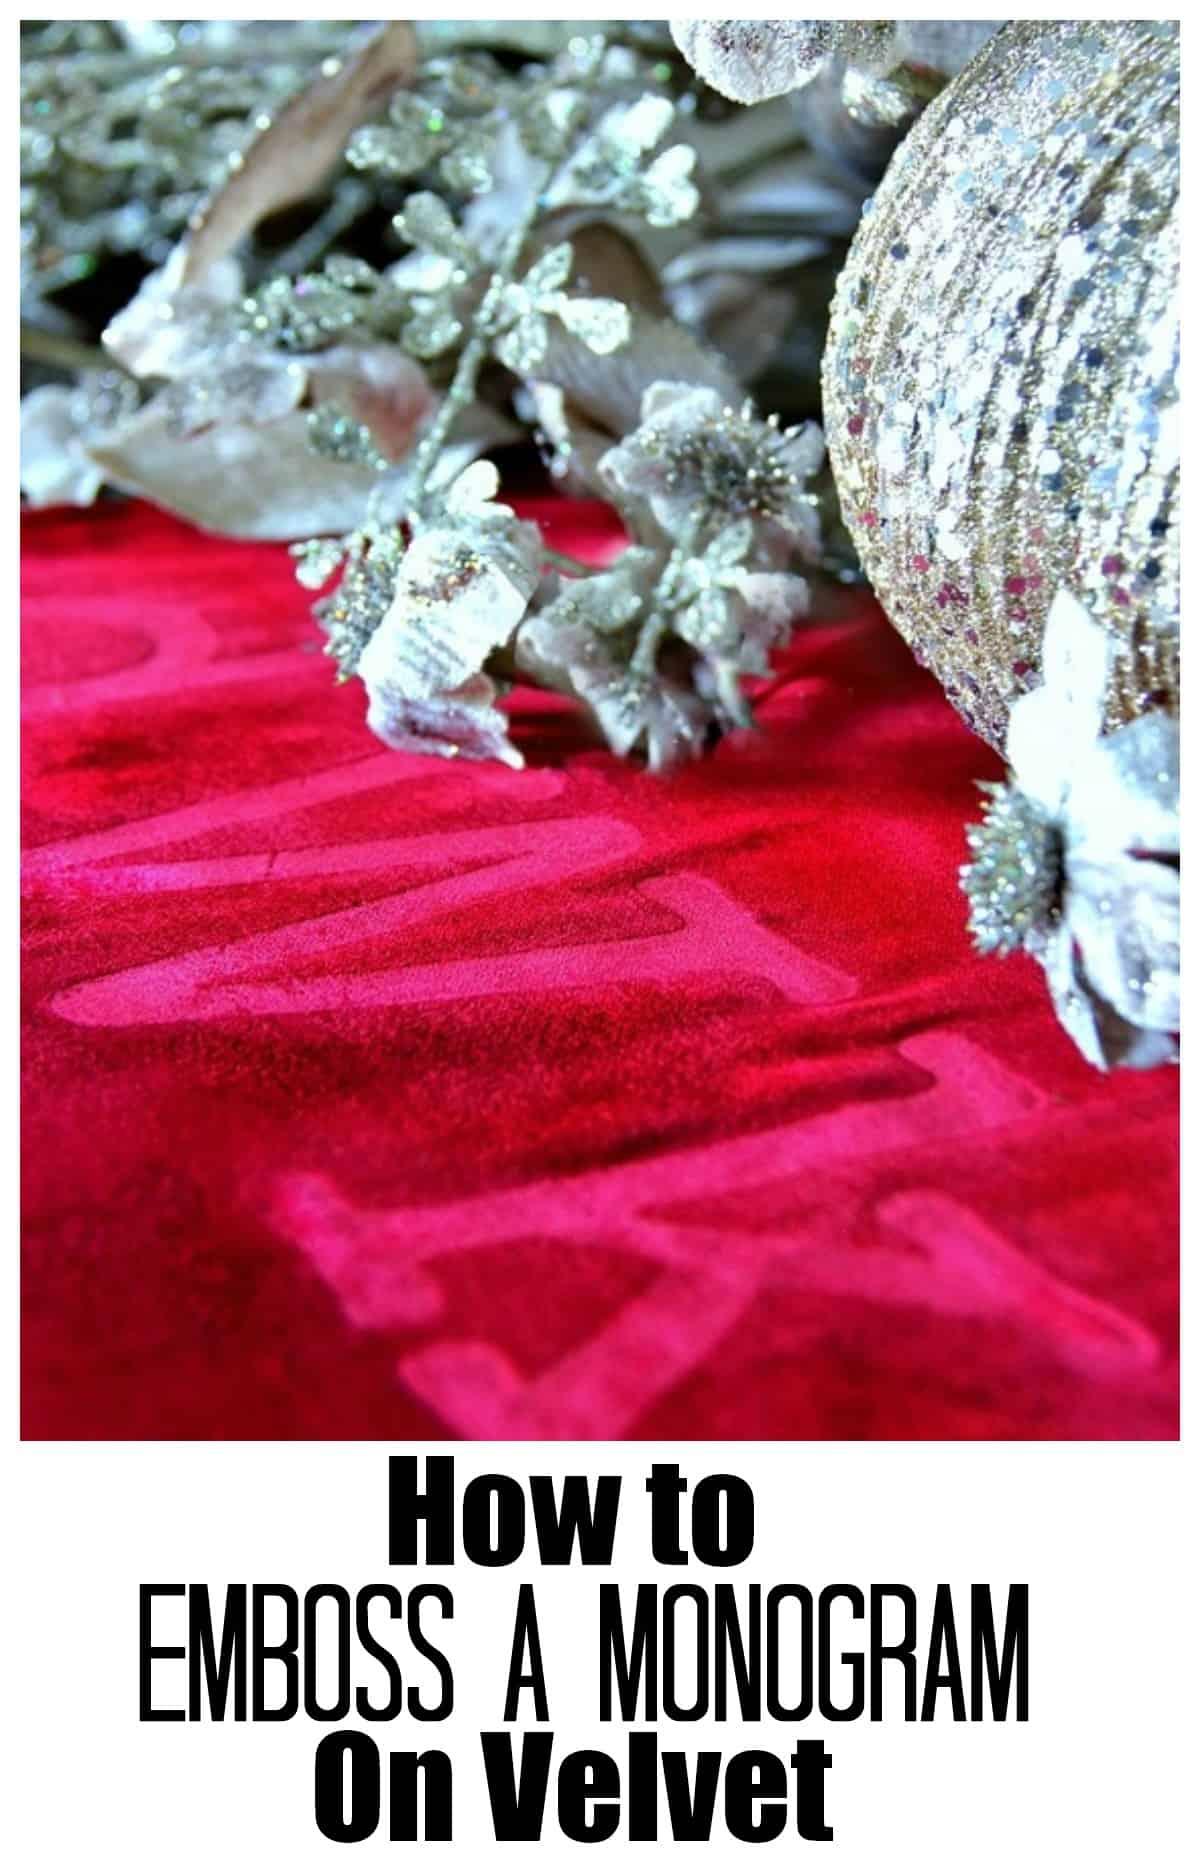 How to emboss a monogram on velvet.